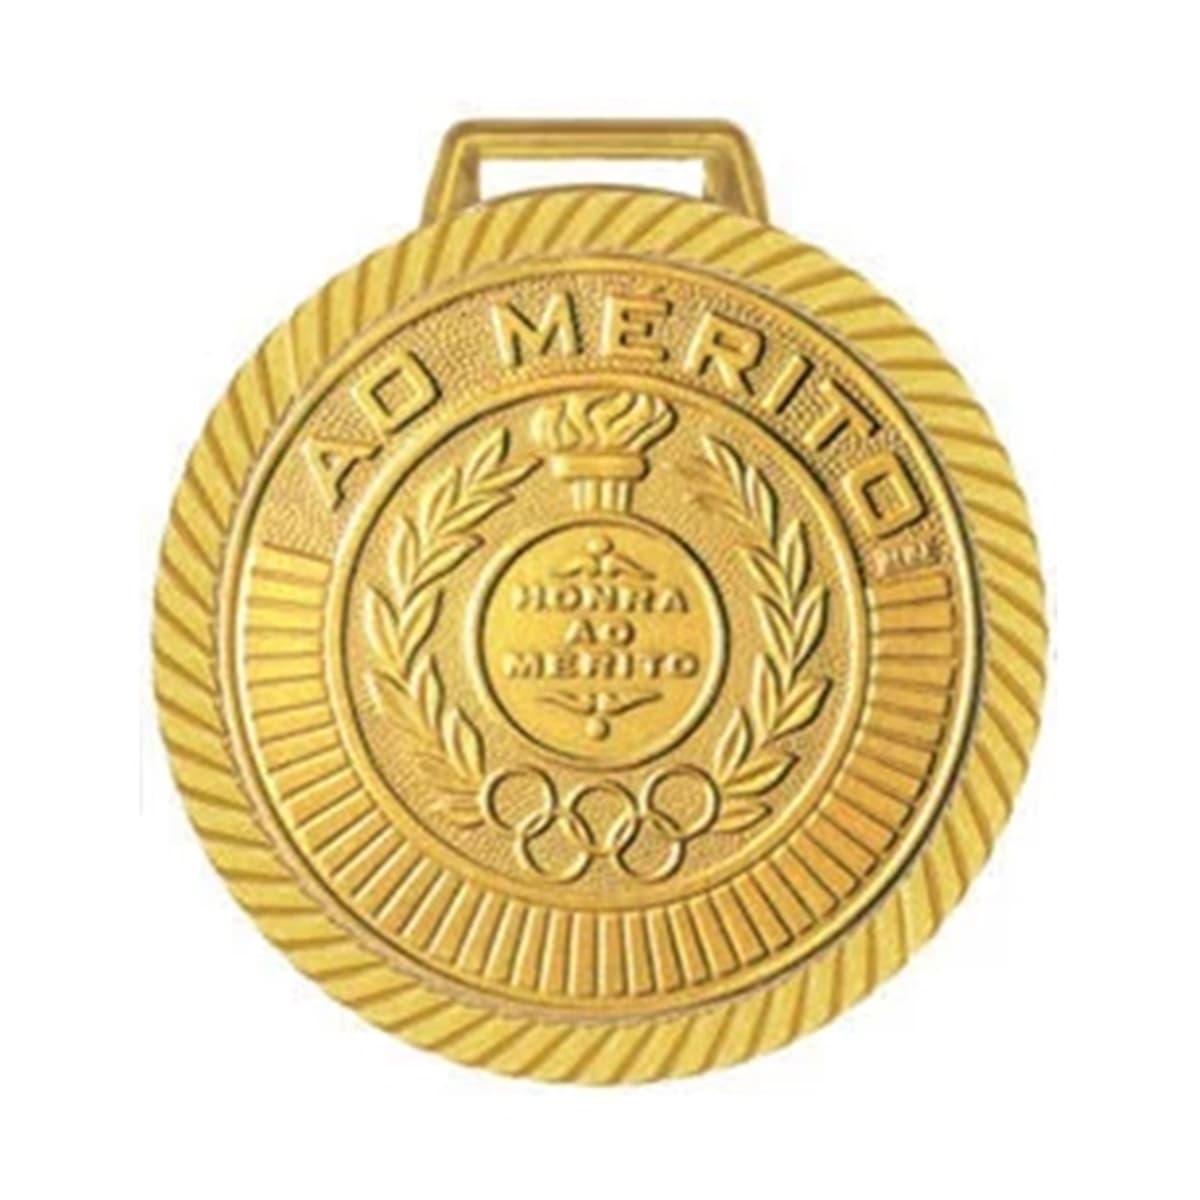 Kit C/10 Medalhas Rema Honra ao Mérito 50mm com Fita